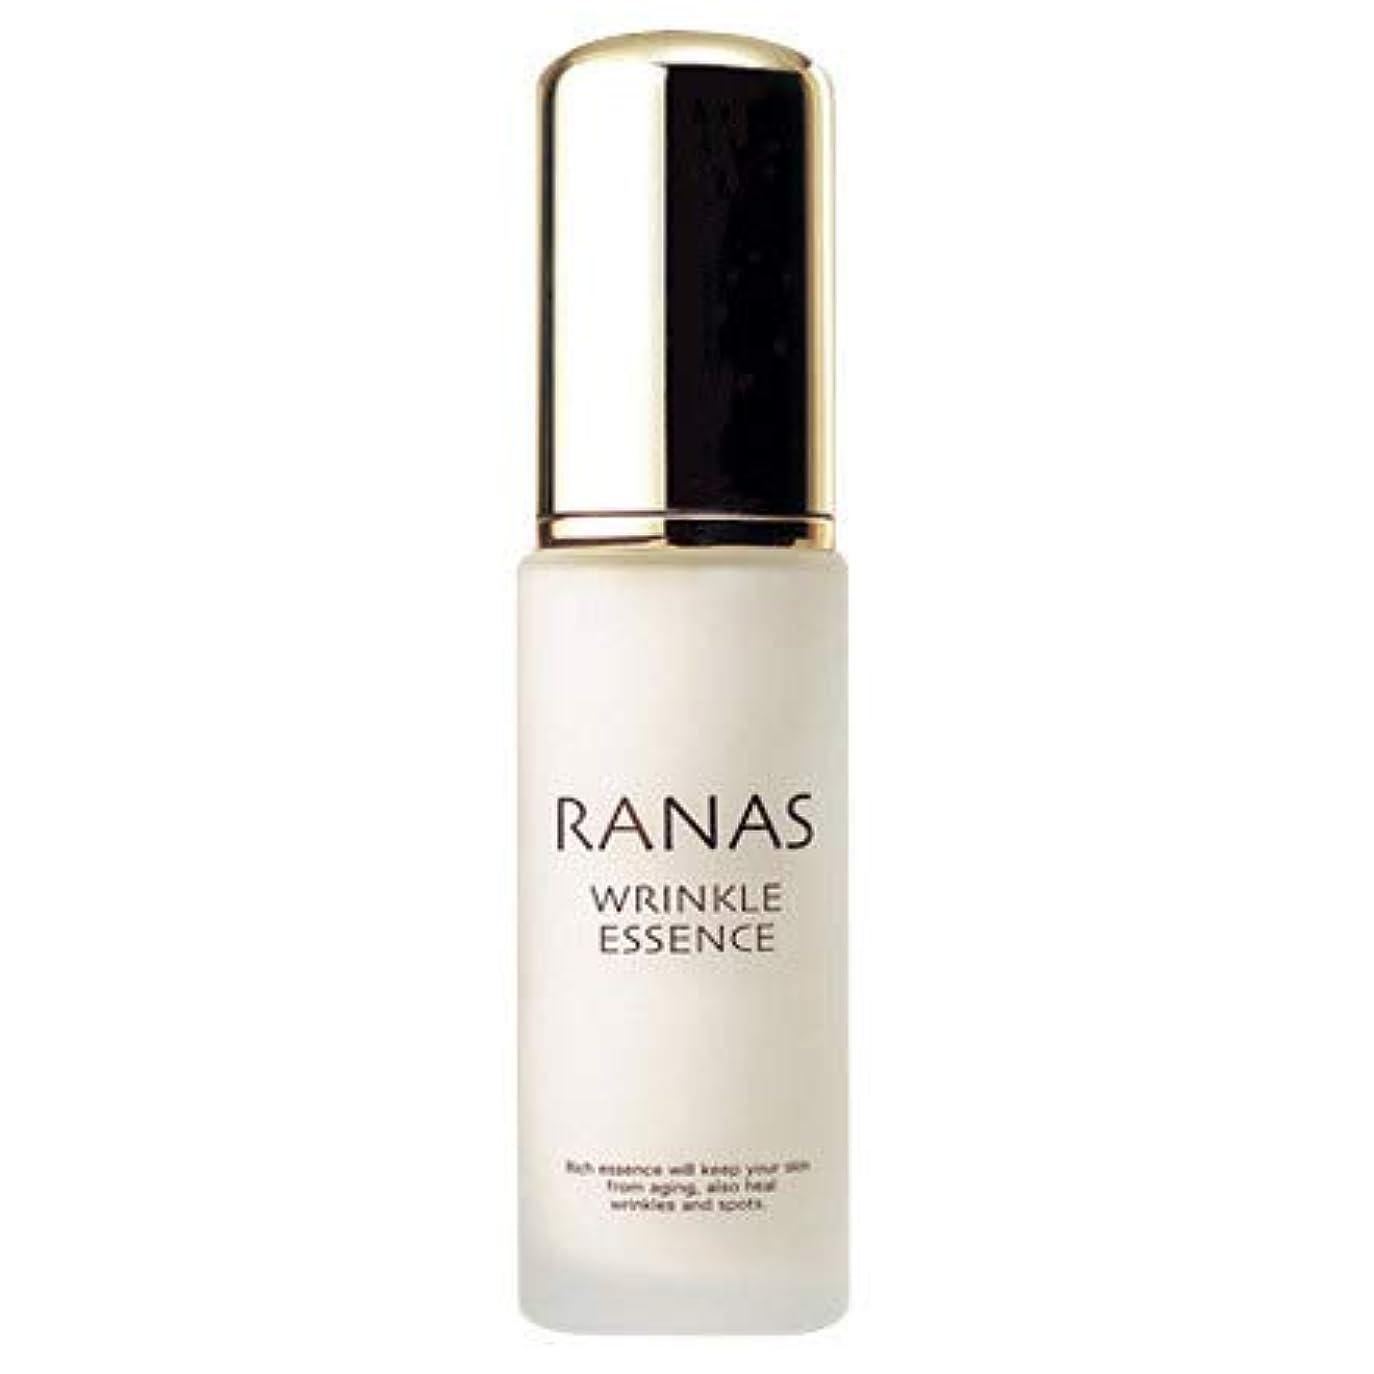 小包期待実行可能RANAS リンクルエッセンス 美容液 【 ナノ化美容成分の フラーレン EGF AC-11 リピジュア コラーゲン ヒアルロン酸 ビタミンCを高配合 】 【 小じわ くすみ たるみ エイジングケア対策 】 30mL